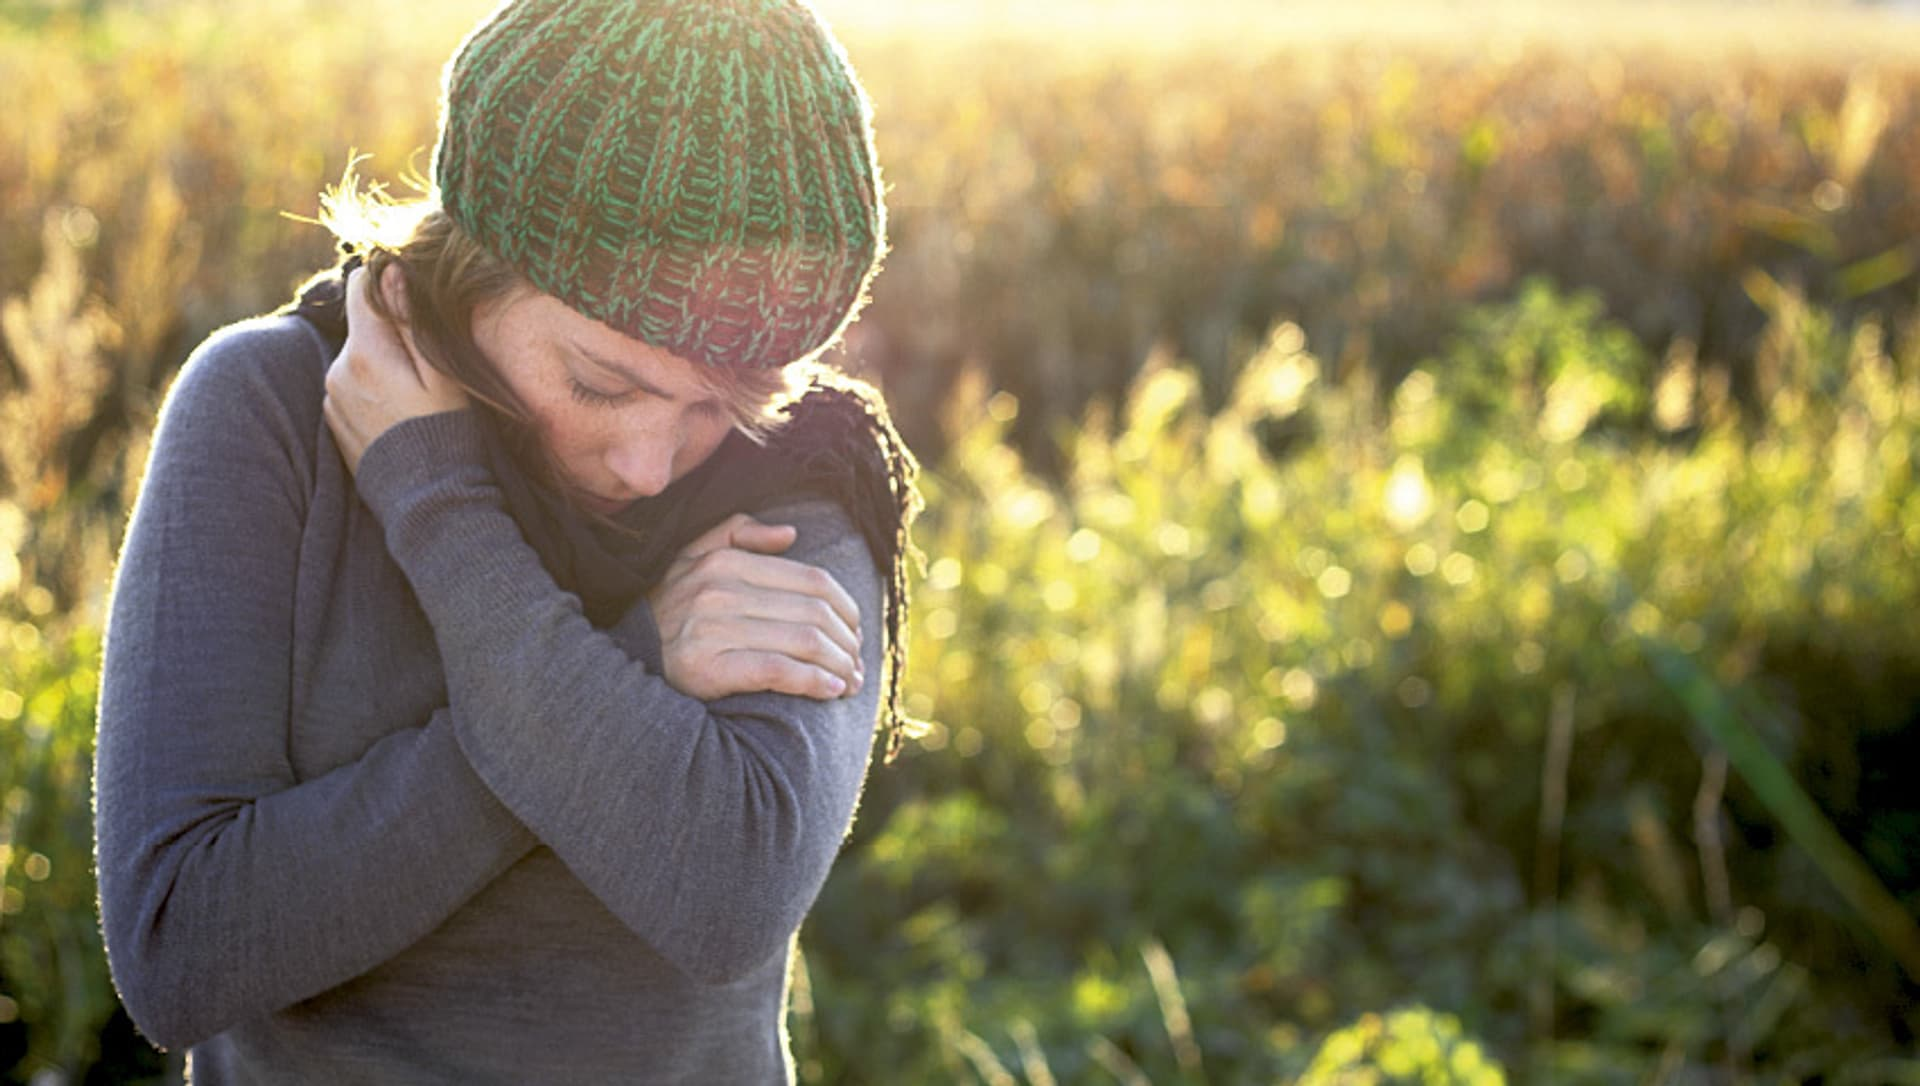 Frau mit Schal und Mütze